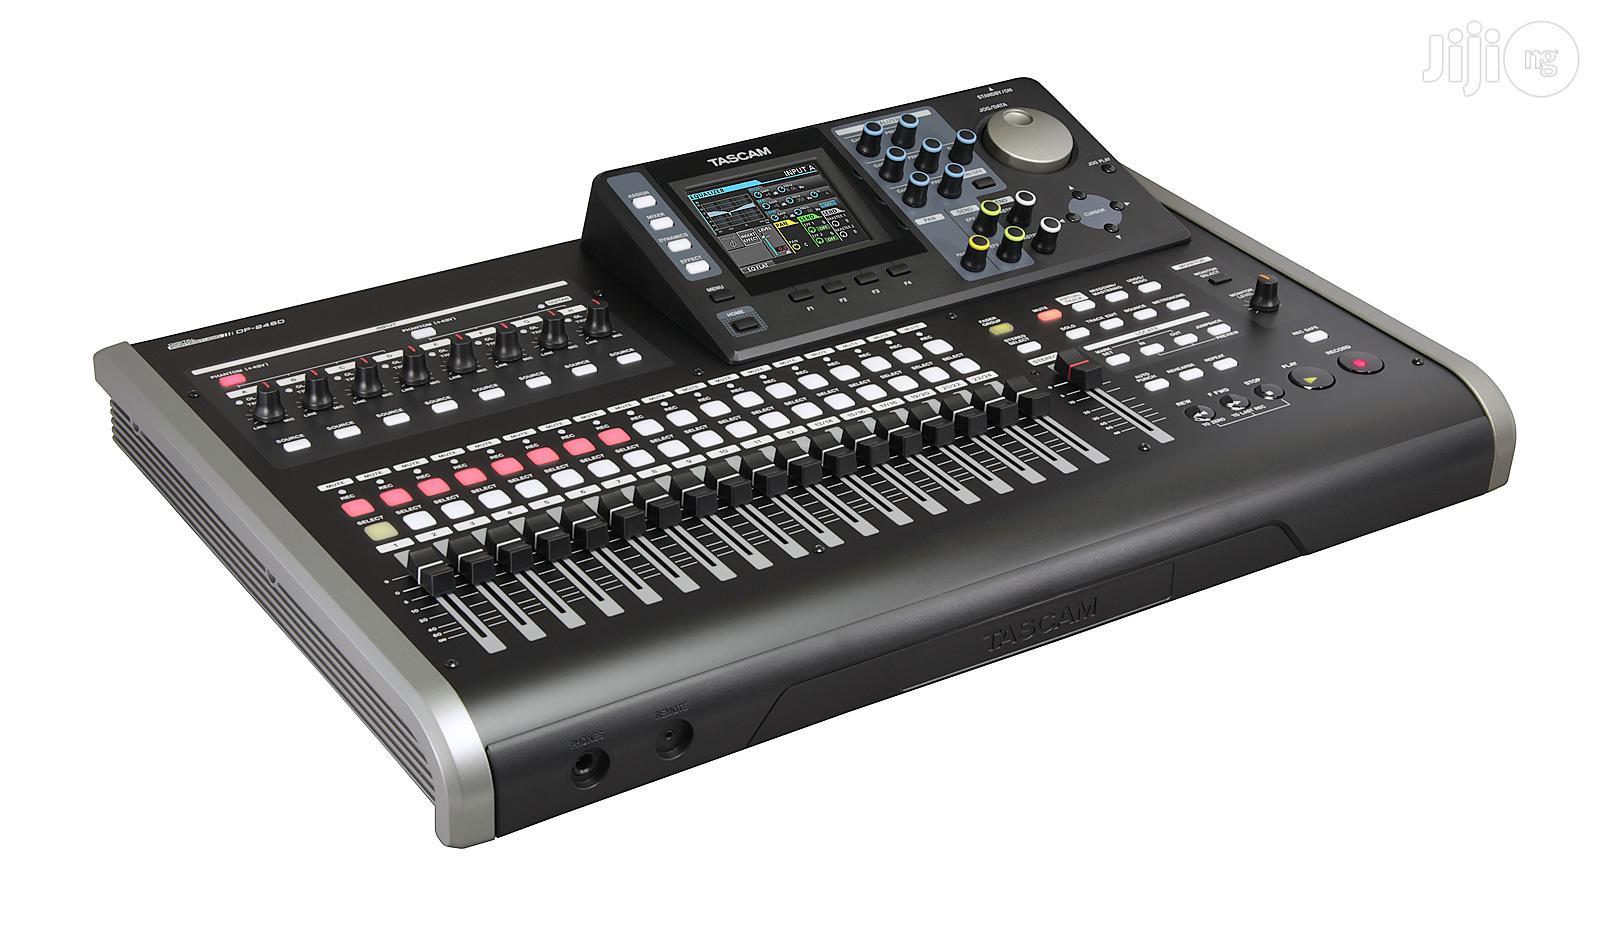 Tascam – DP-24 24 Track Digital Portastudio Recorder | Audio & Music Equipment for sale in Lagos State, Nigeria